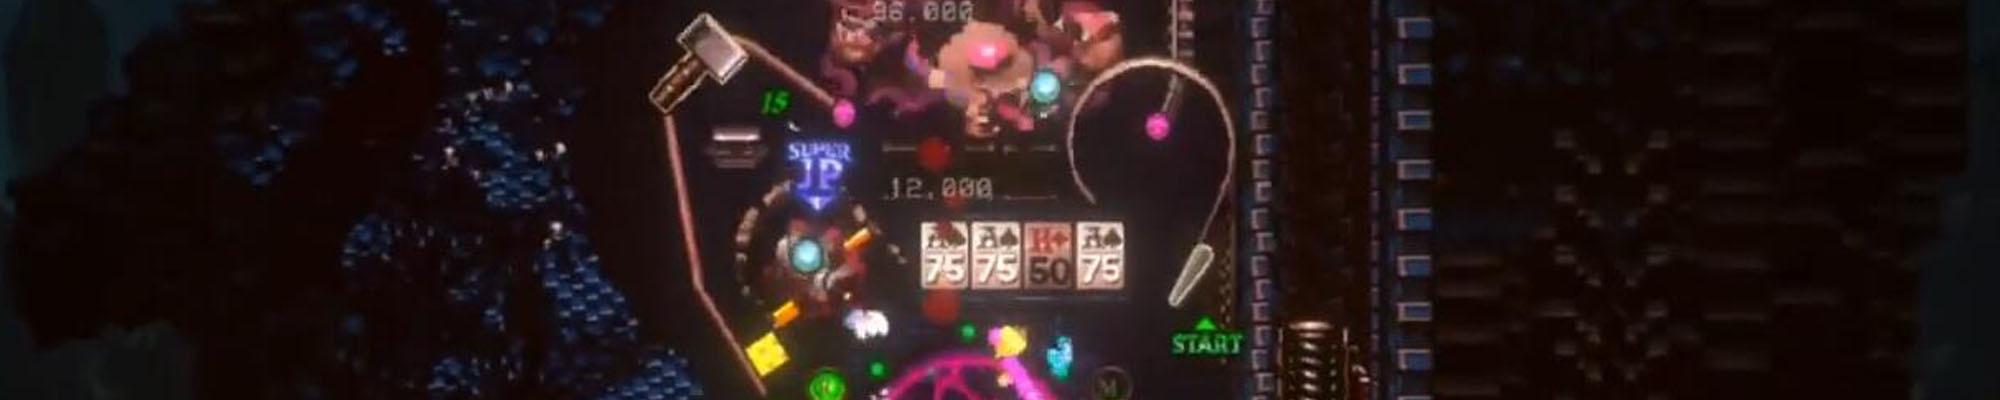 有一款画面非常炫酷的弹珠台游戏已经在STEAM上架了